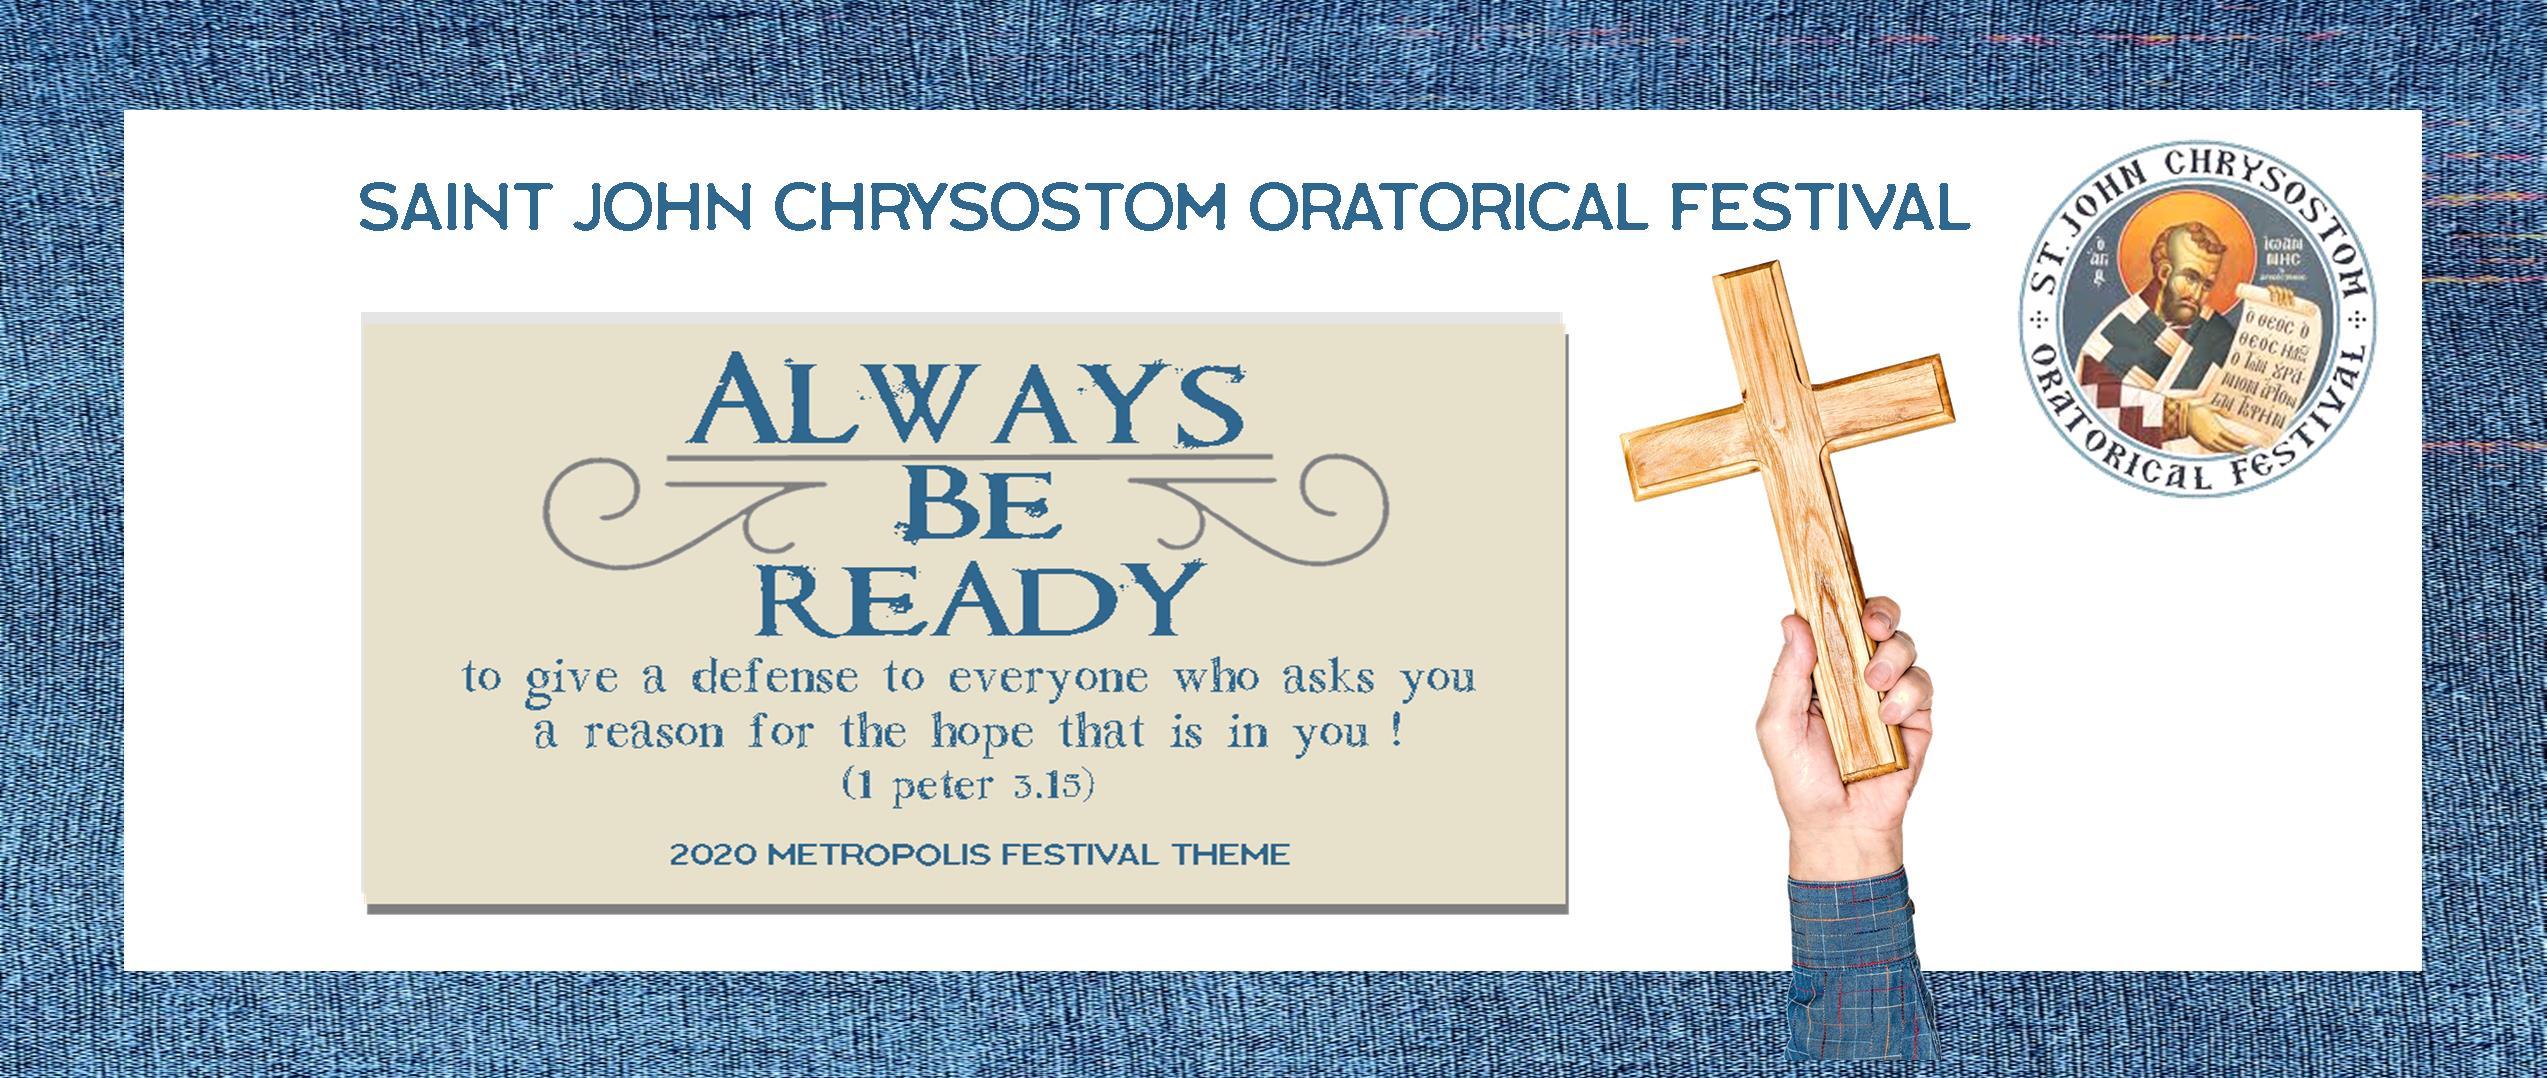 St. John Chrysostom Oratorical Festival